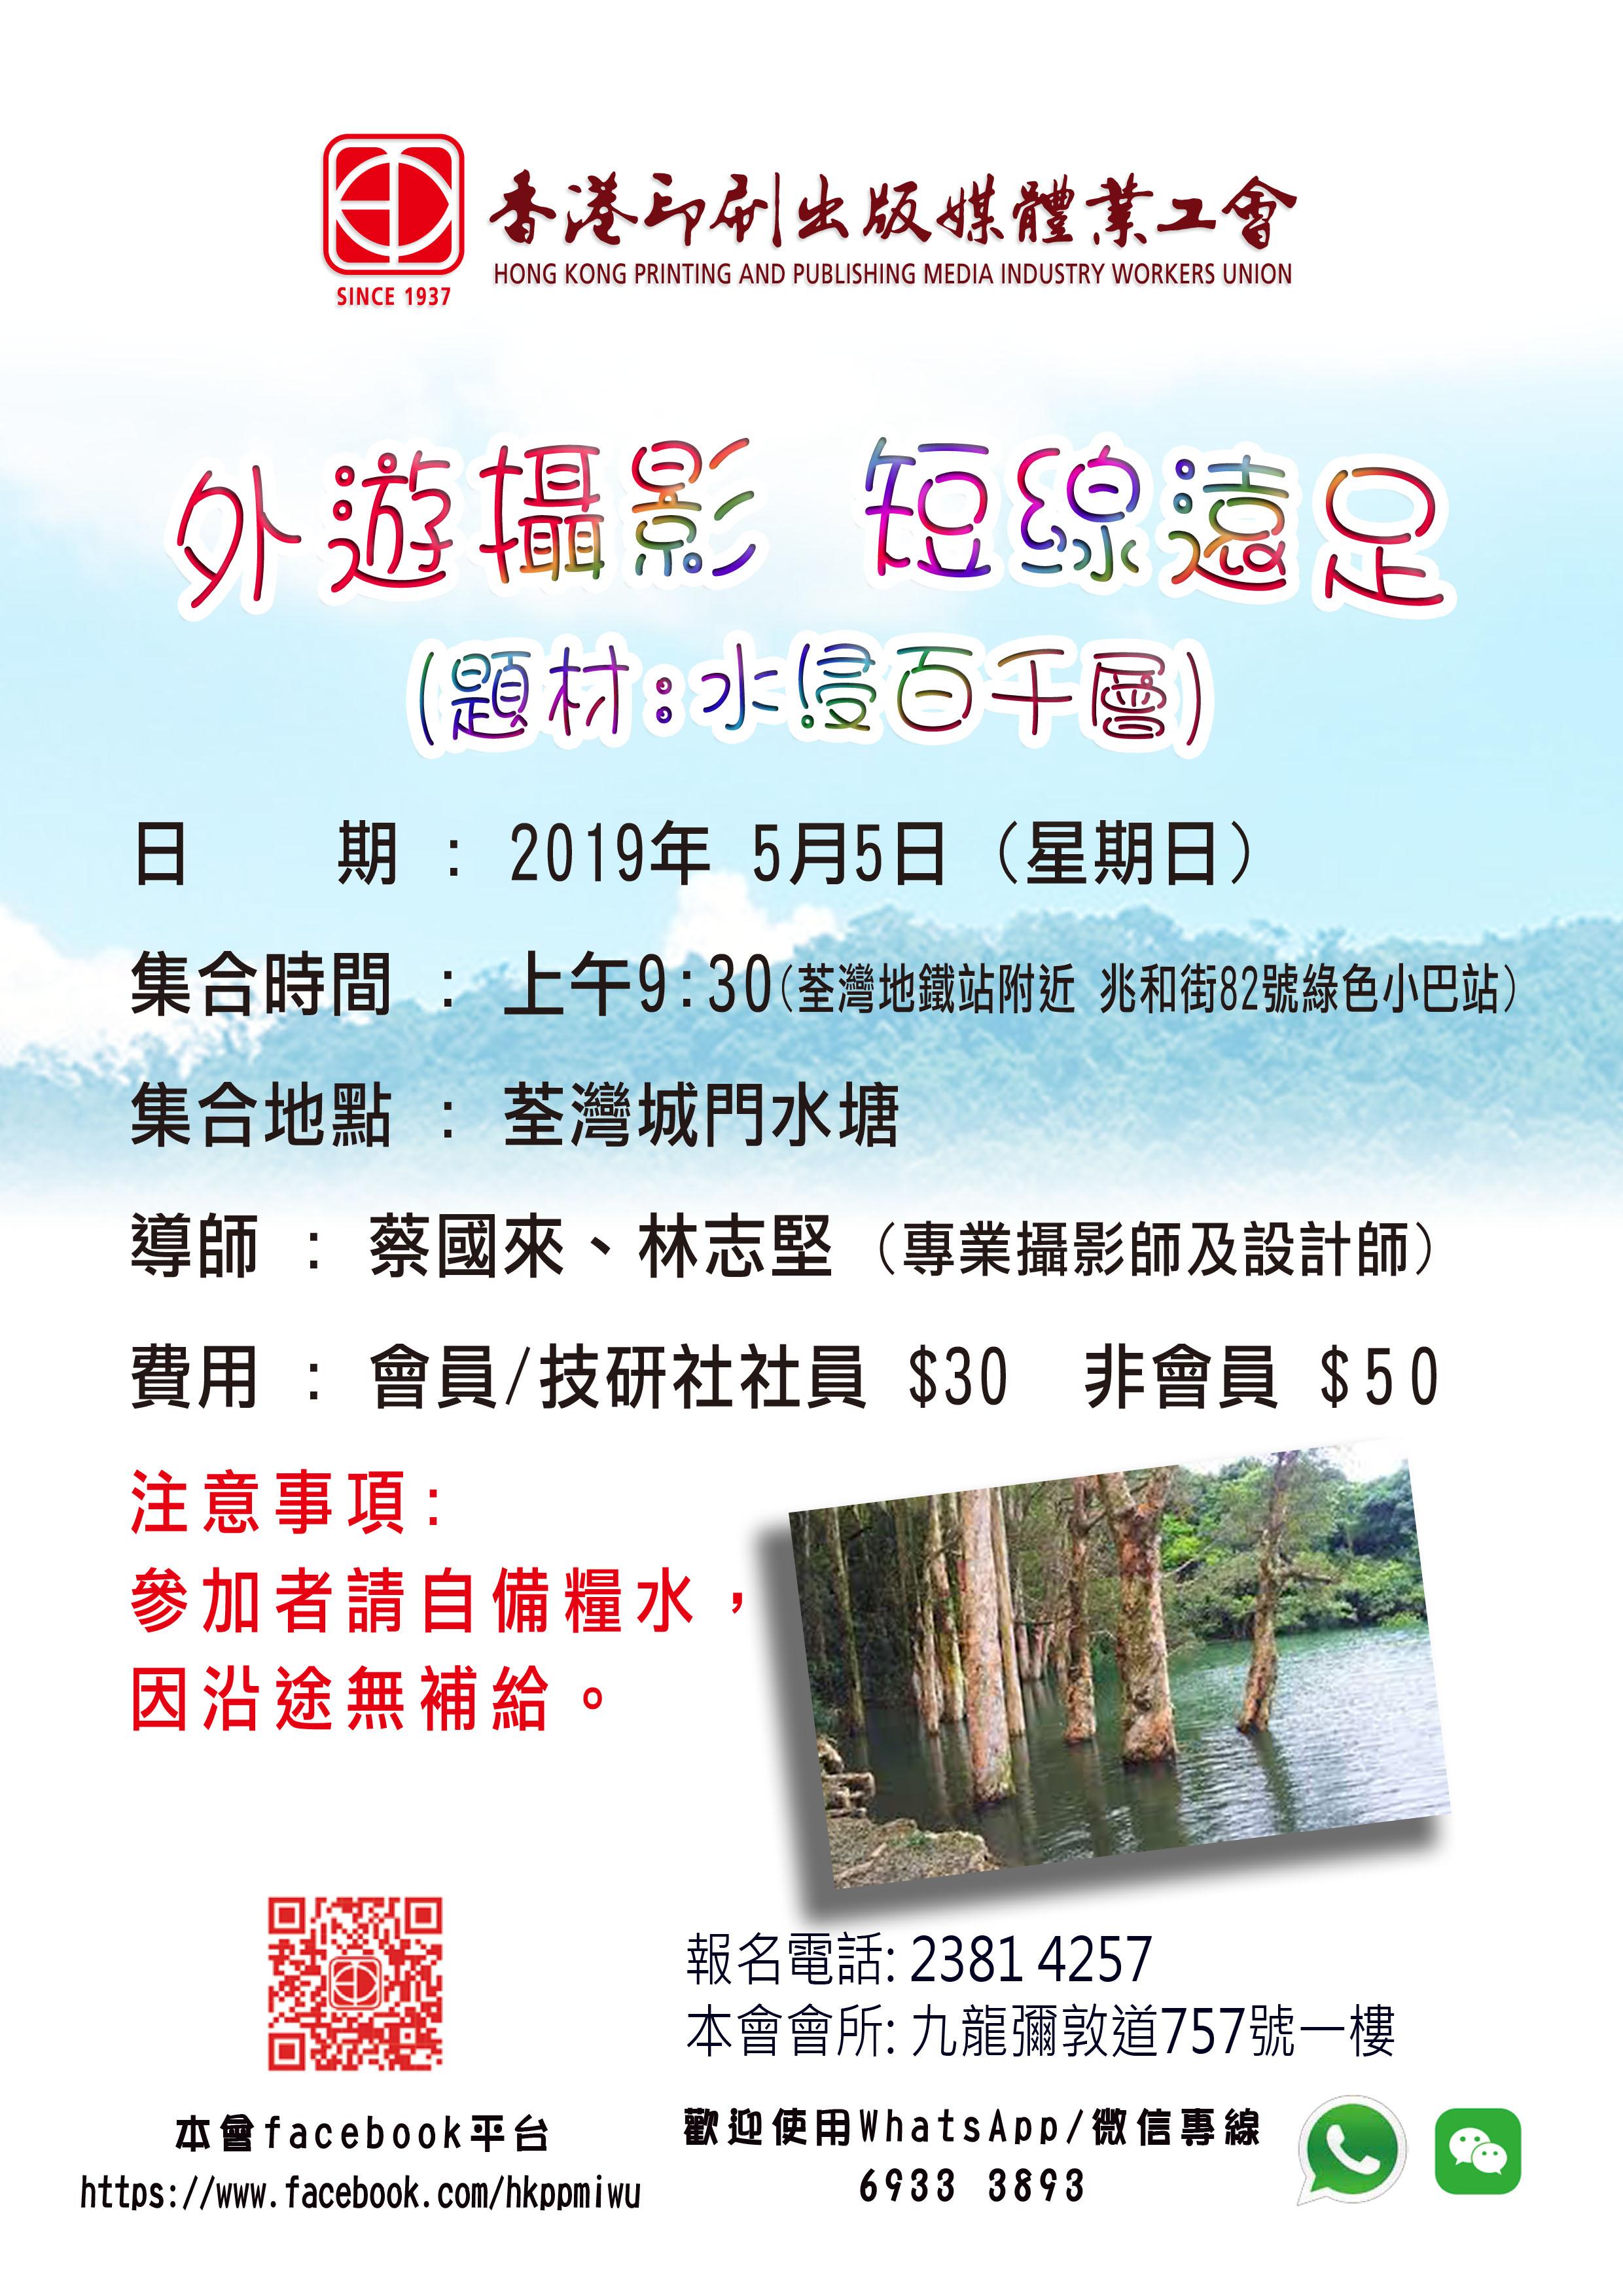 外遊攝影 短線遠足 (水浸百千層) – 香港印刷出版媒體業工會